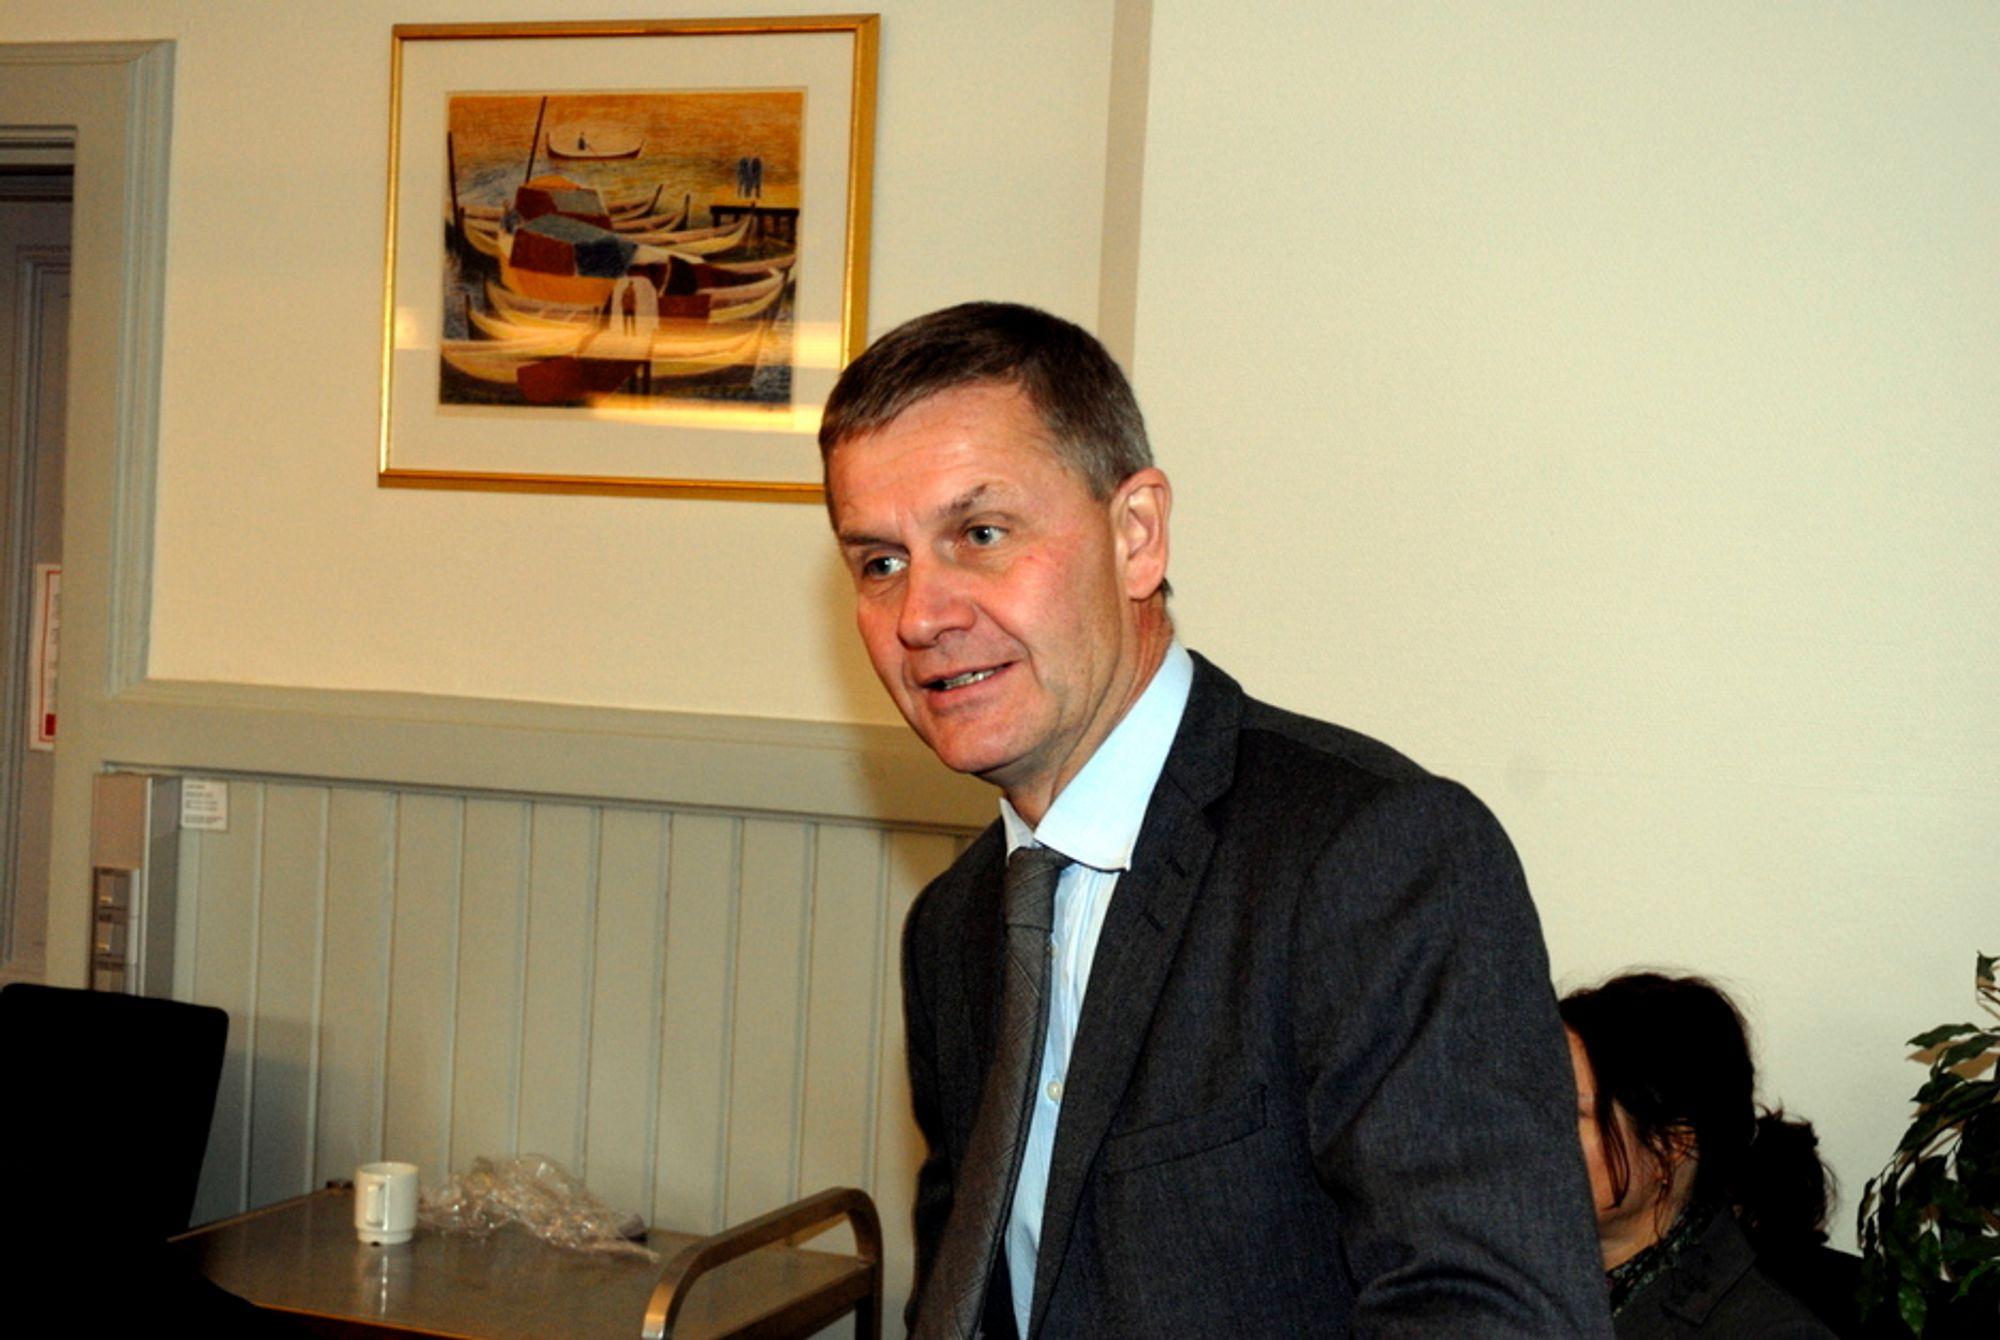 VIL HA DYR STRØM: Miljøvernminister Erik Solheim (SV) vil ha dyrere strøm og mener flere utenlandskabler kan bidra til det.